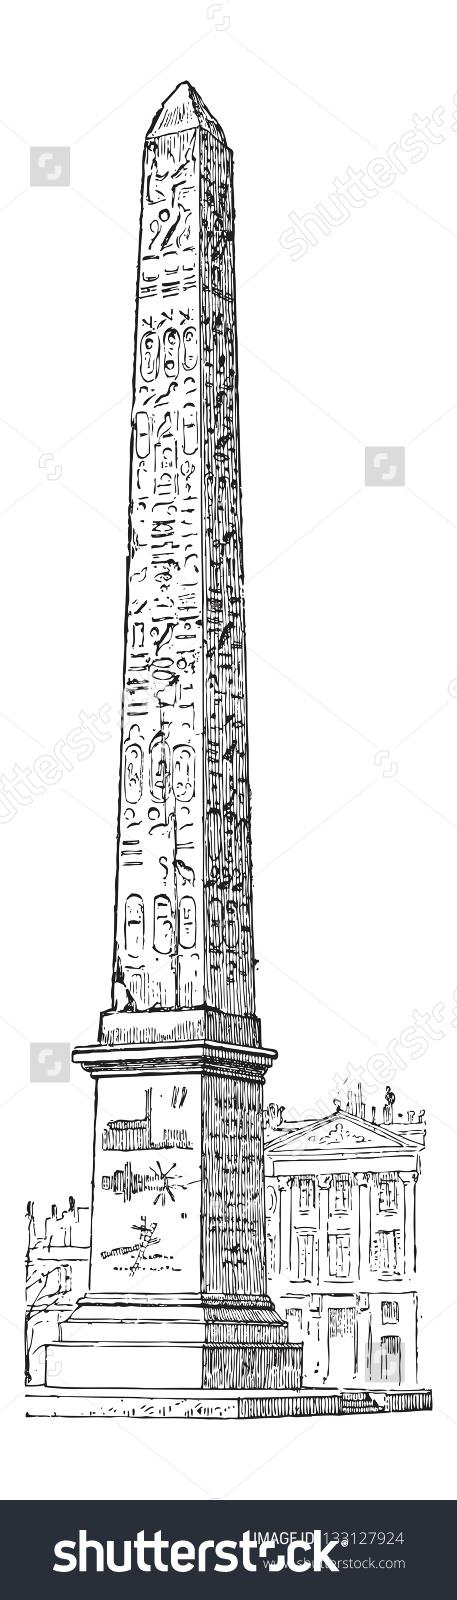 Luxor Obelisk Place De La Concorde Stock Vector 133127924.